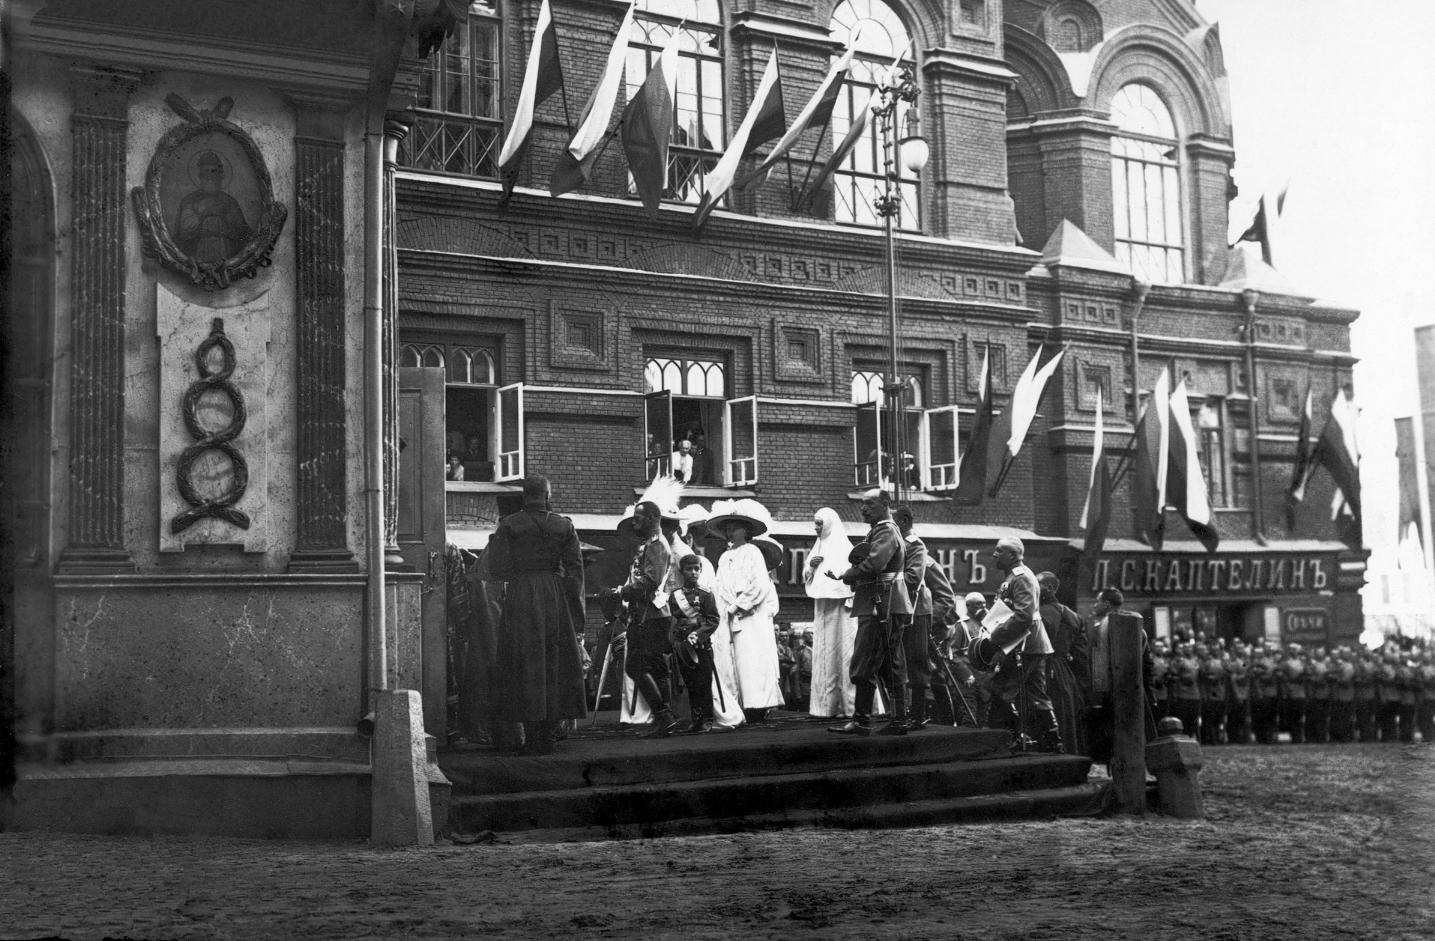 Цесаревич Алексей с семьей прибывает в Иверскую часовню в мае 1912